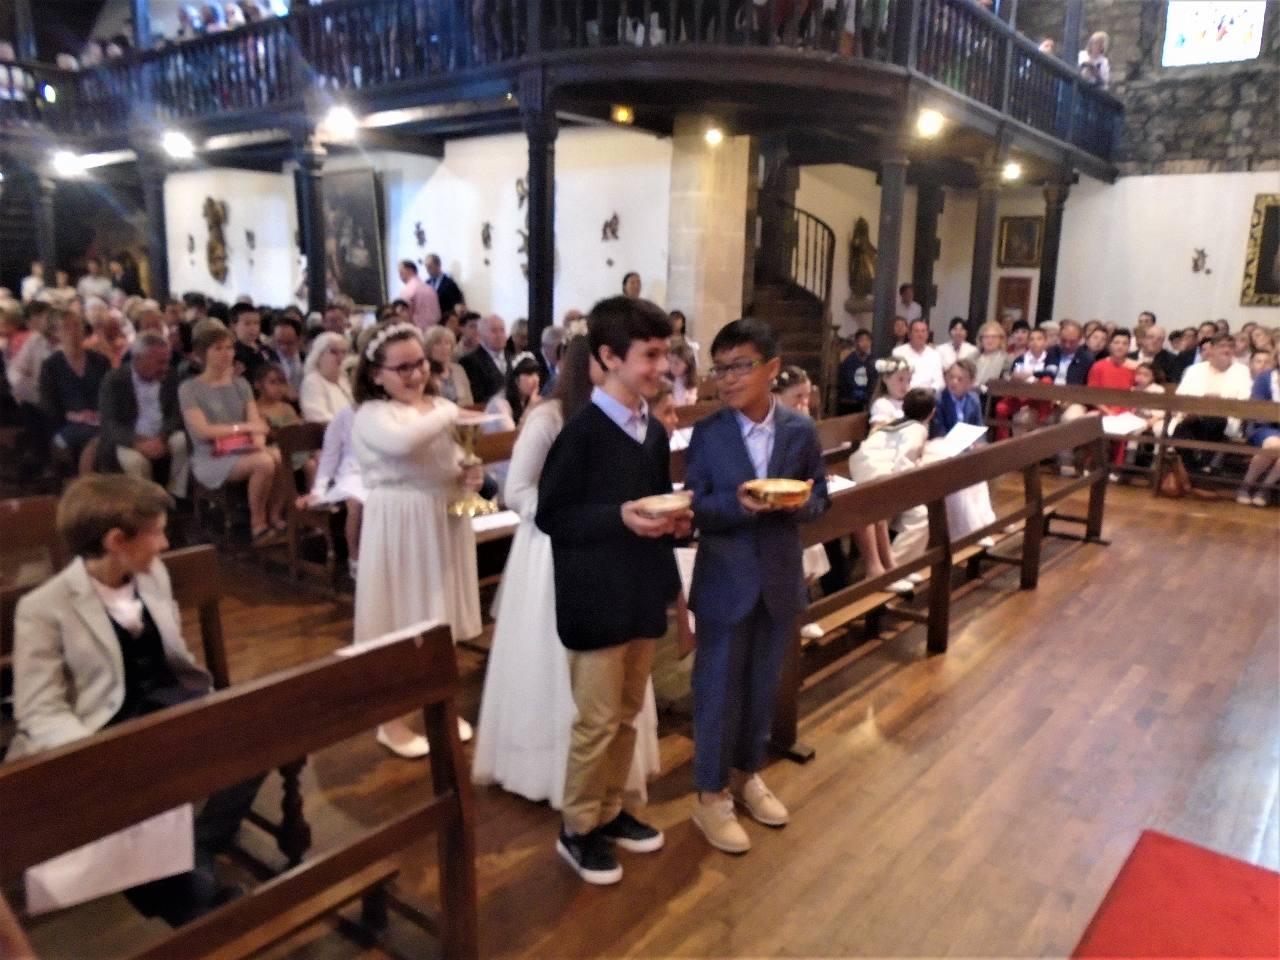 Iban, Hugo et Carla offrent le pain adapté à nos célébrations